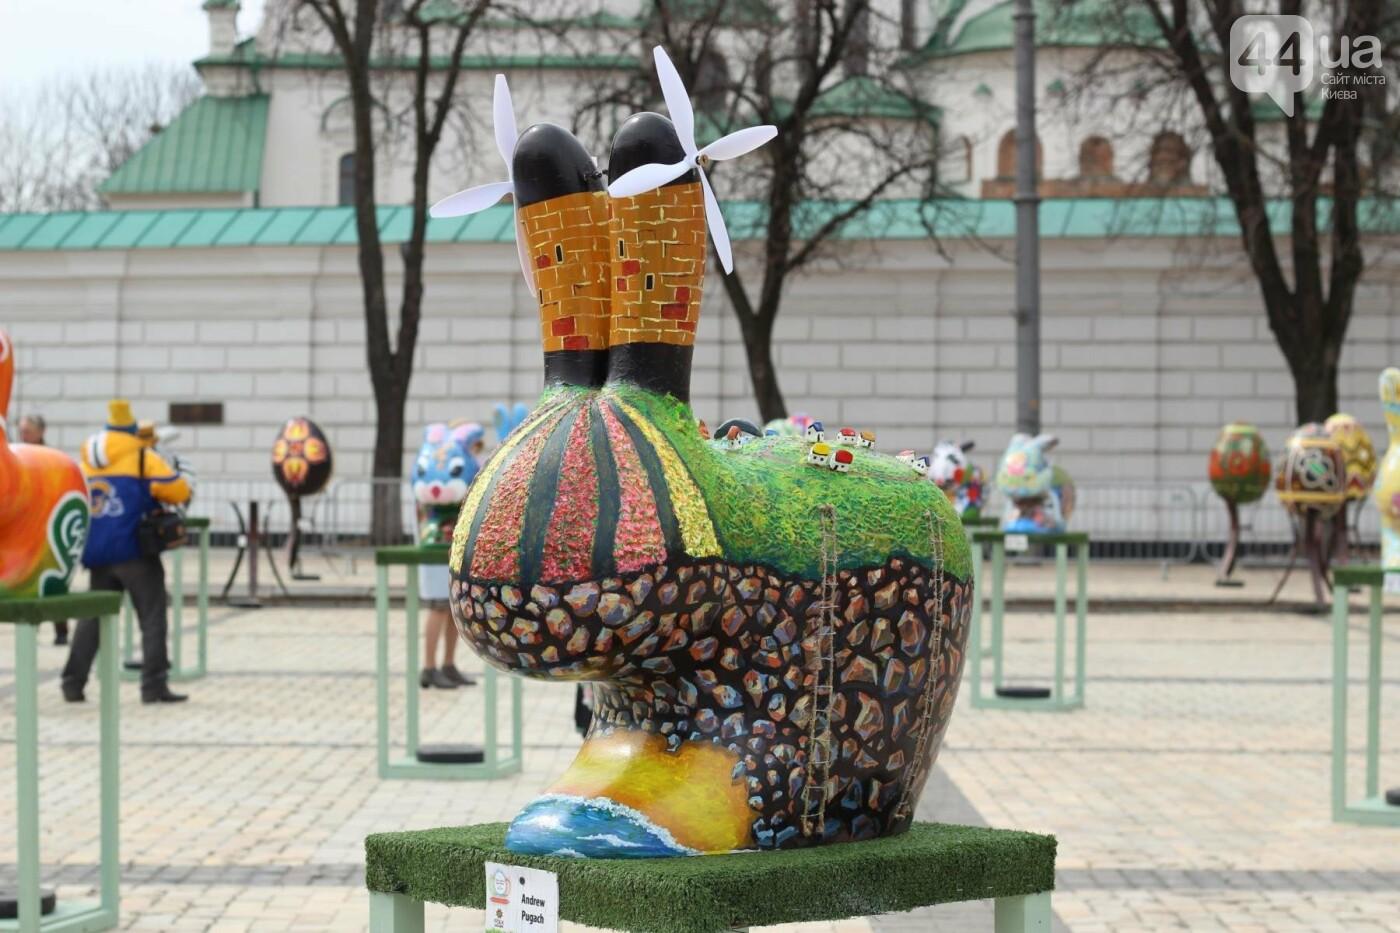 Писанки и кролики: как на Софийской площади проходит Пасхальный фестиваль, фото-43